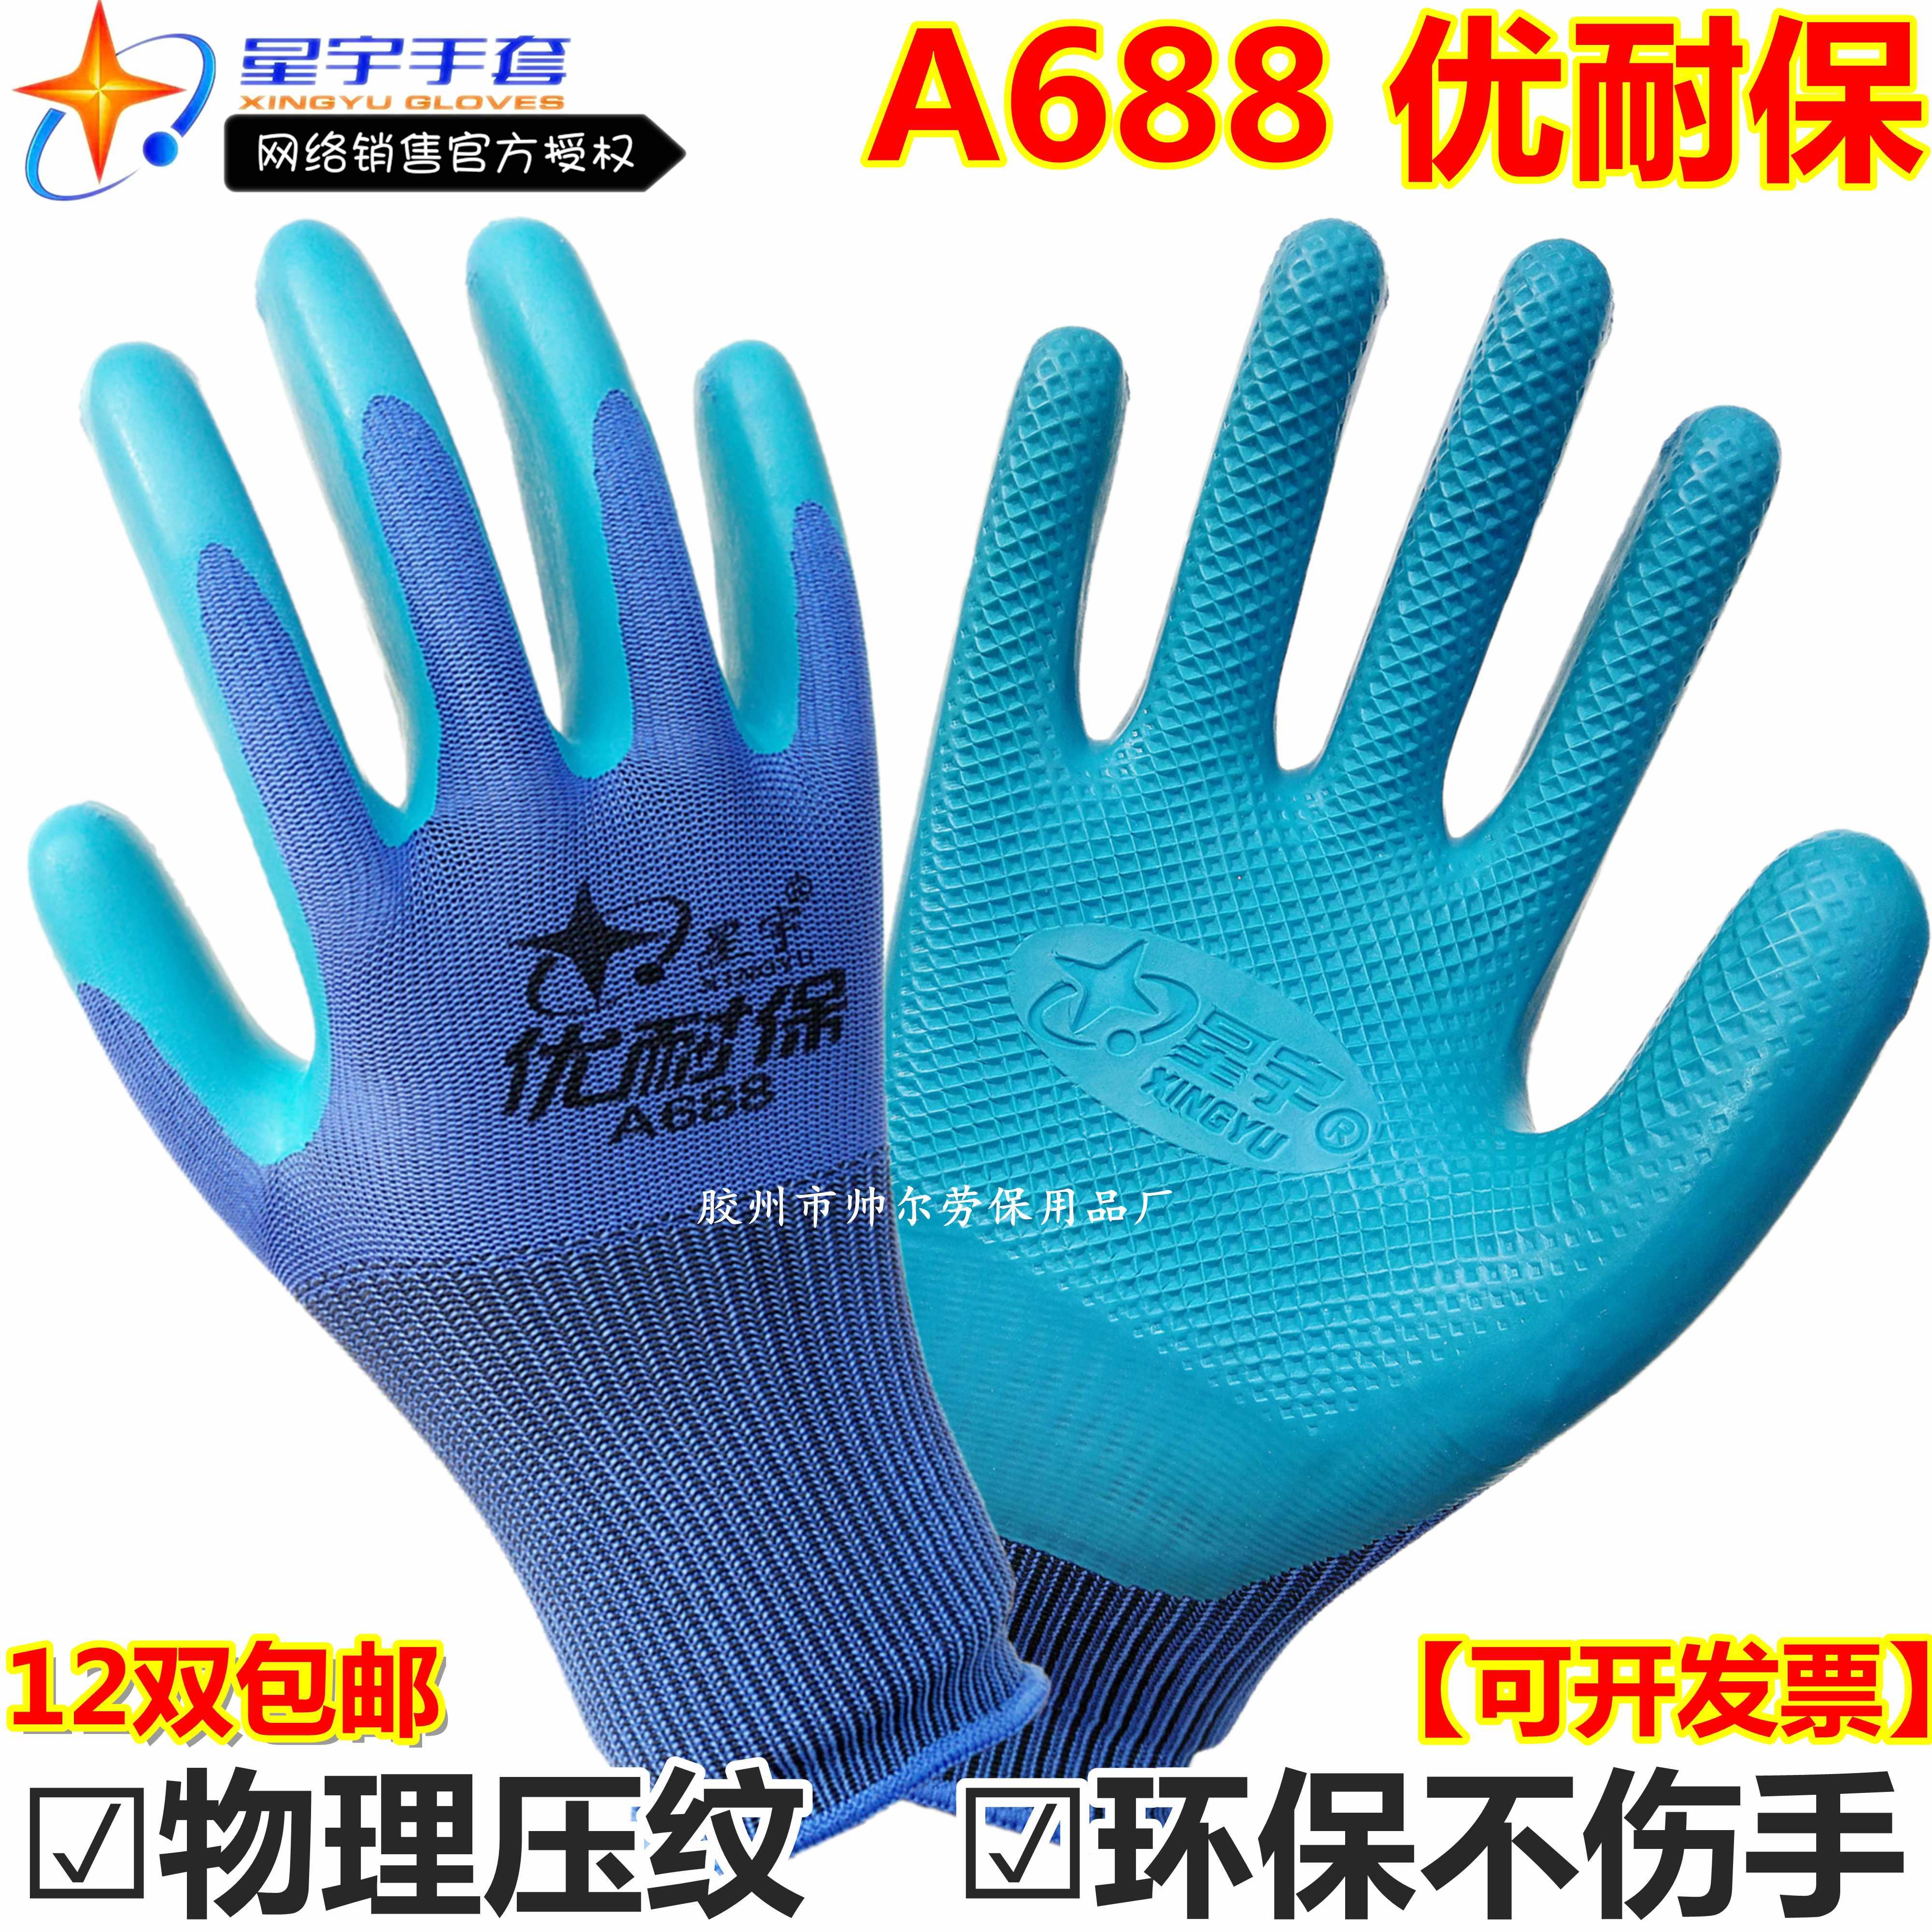 正品A688优耐保 手套劳保用品手套耐磨 防滑工作薄款透气机械星宇